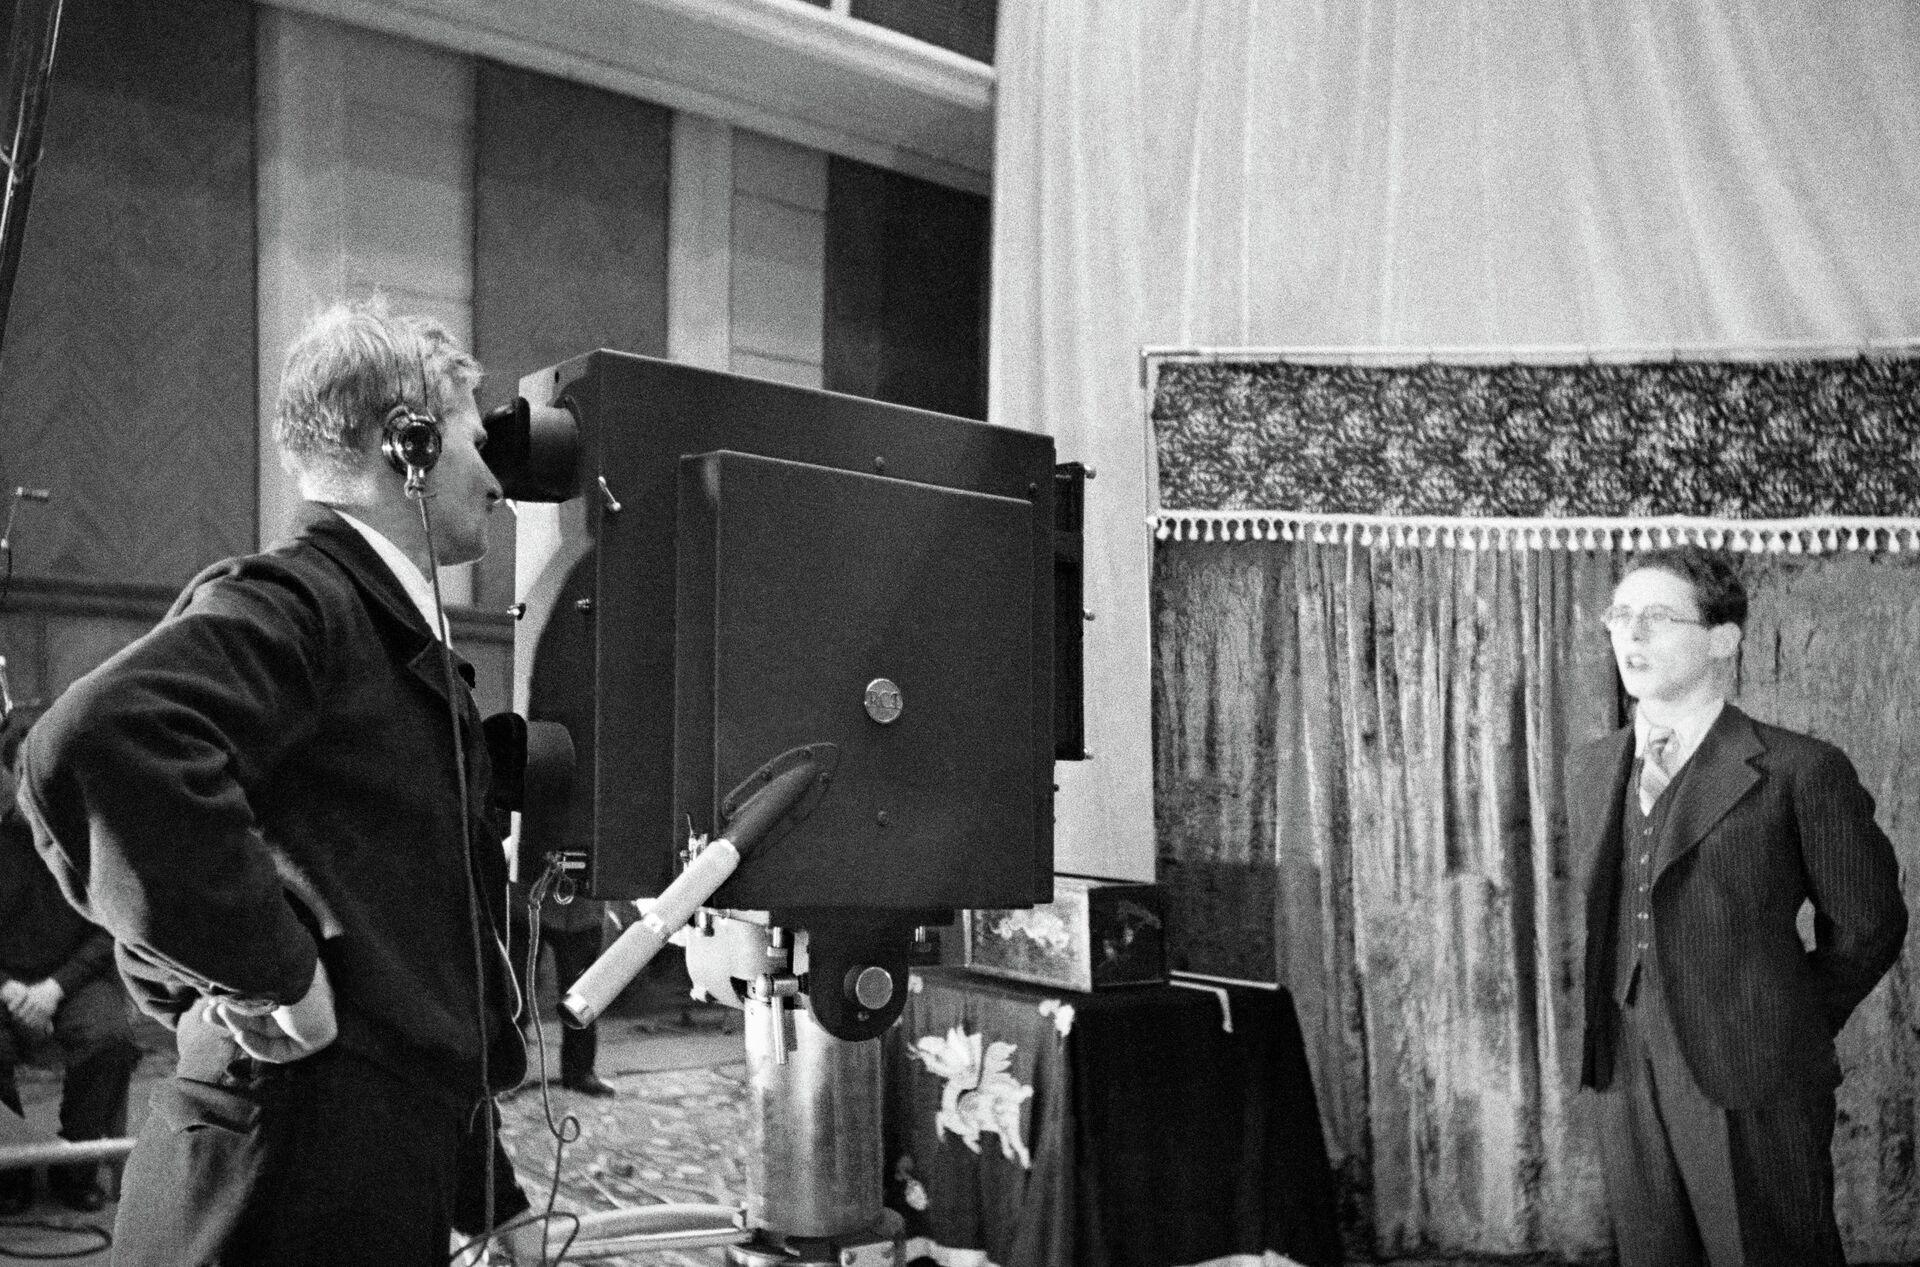 Диктор Юрий Левитан во время съемок в студии - РИА Новости, 1920, 26.01.2021